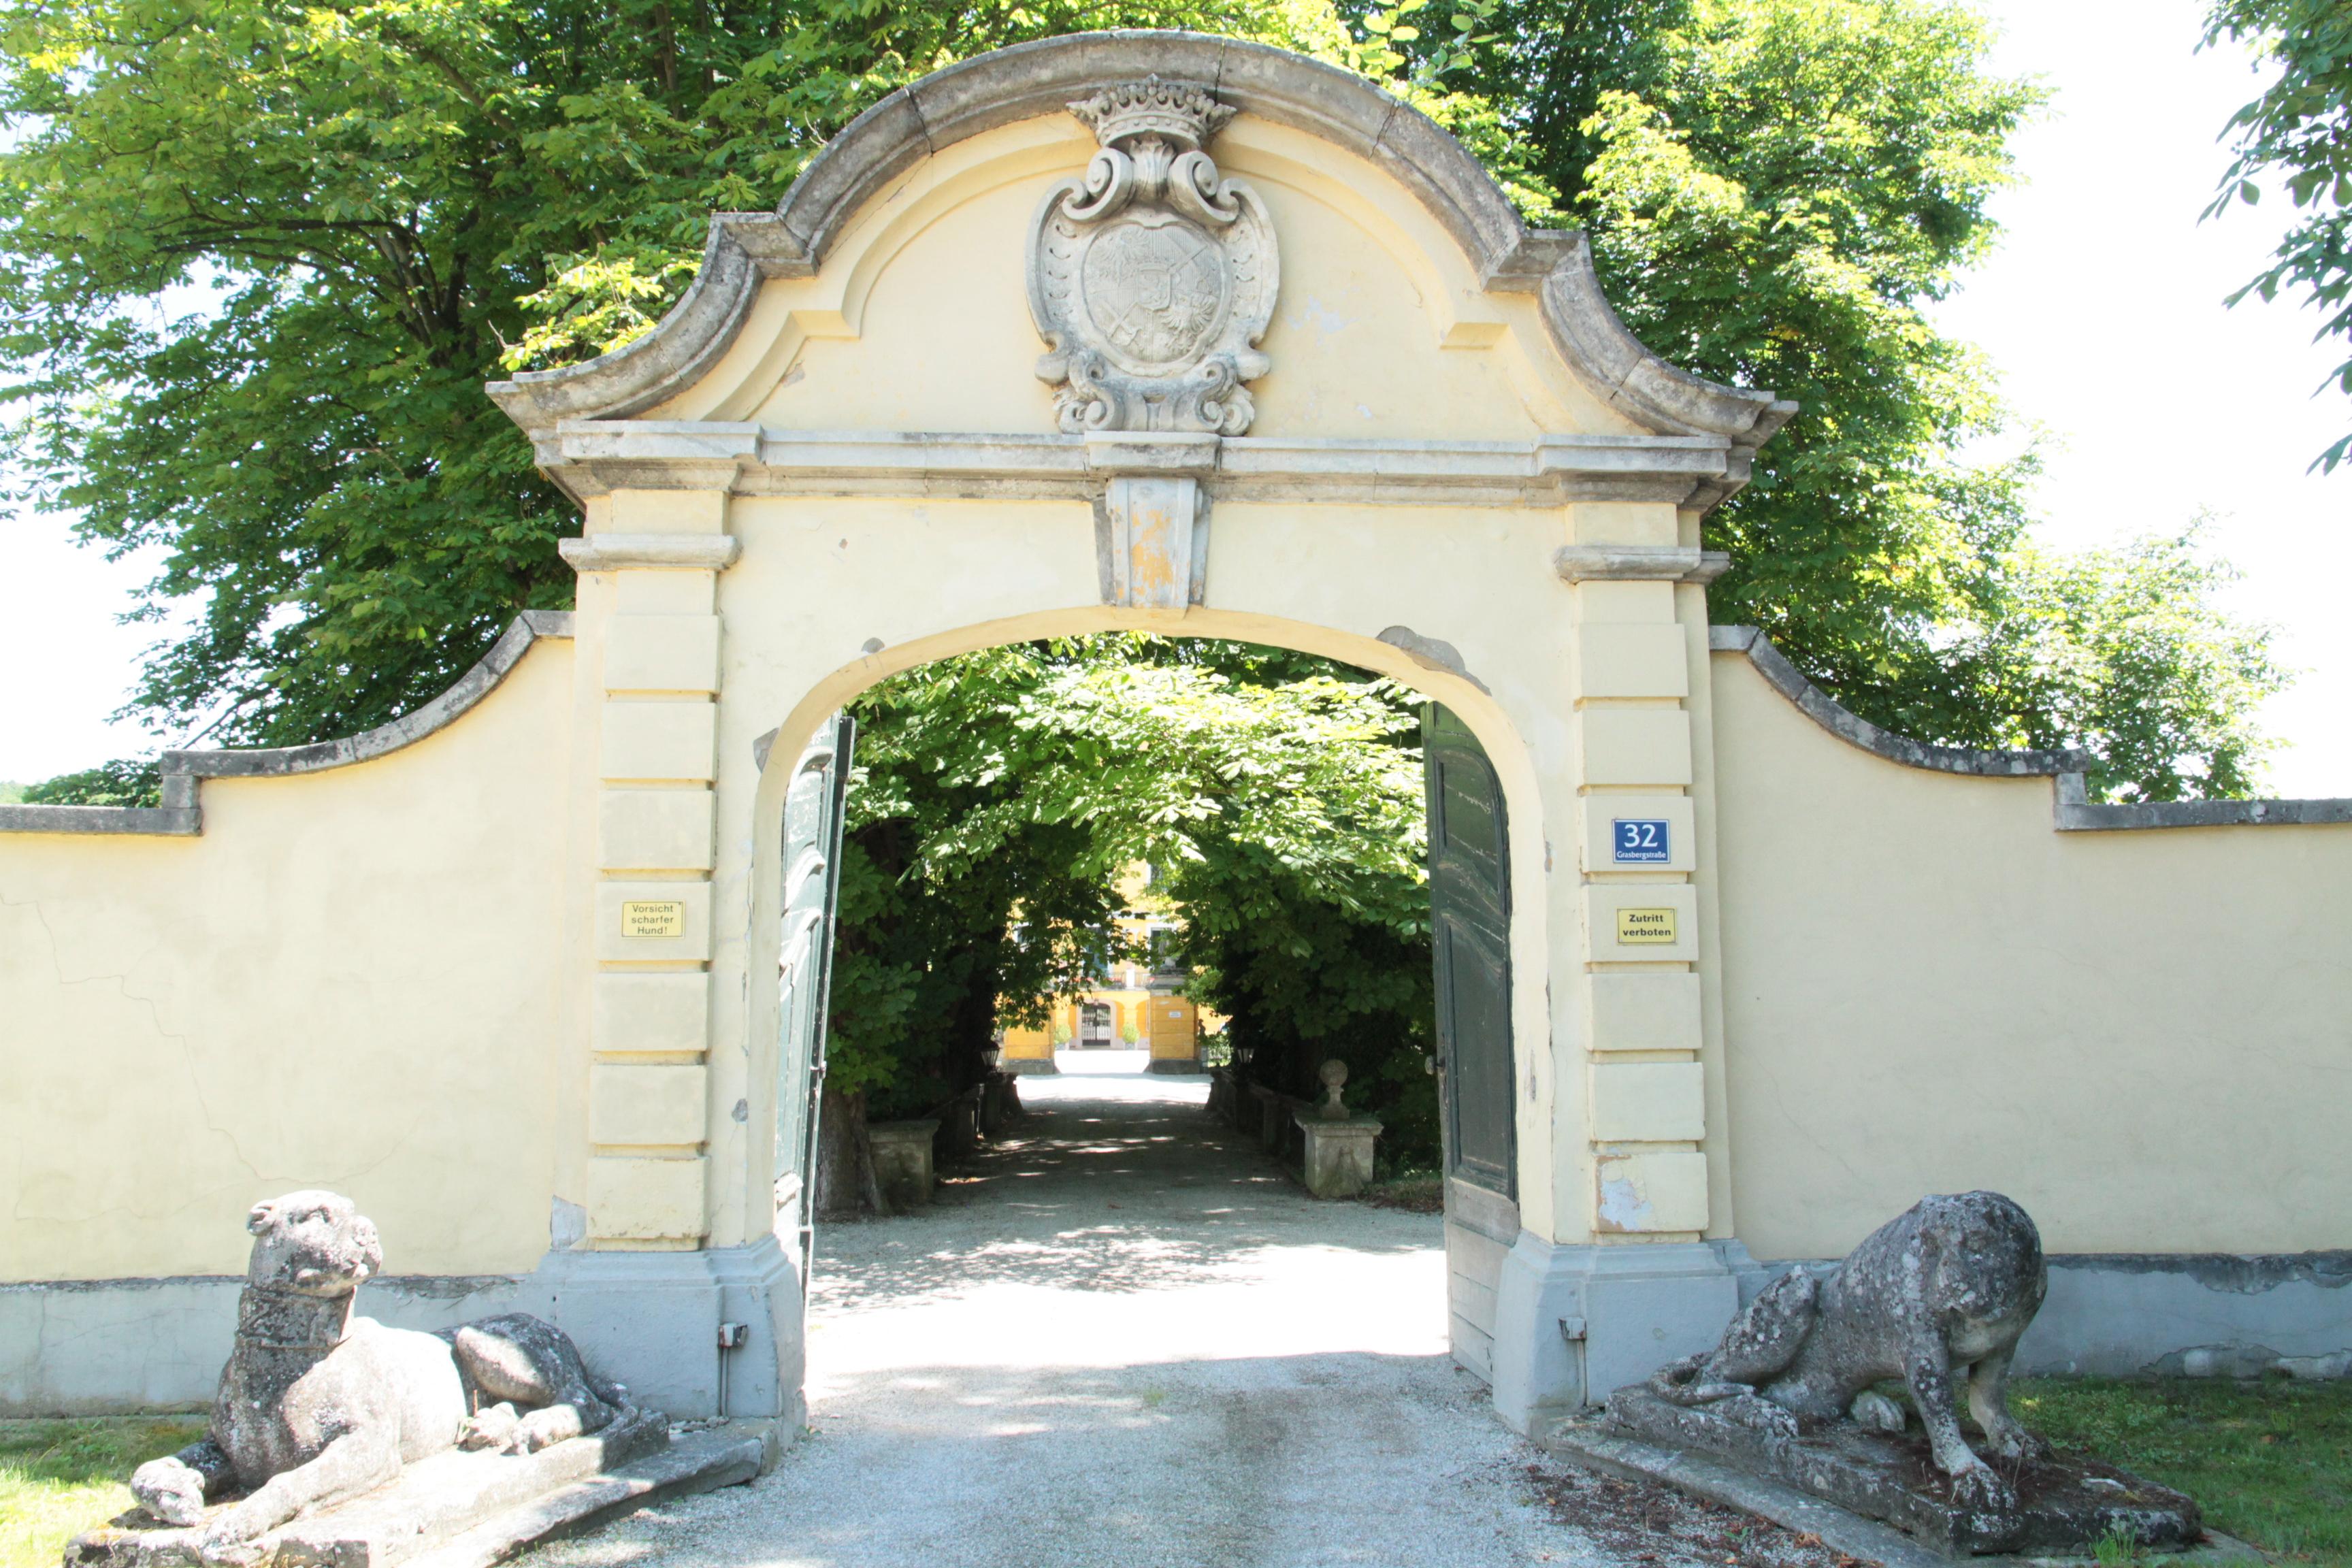 Appartement de vacances Luxuriöses, einzigartiges barockes Schloss, aufwendig eingerichtet (2306589), St. Pölten, Mostviertel, Basse Autriche, Autriche, image 4